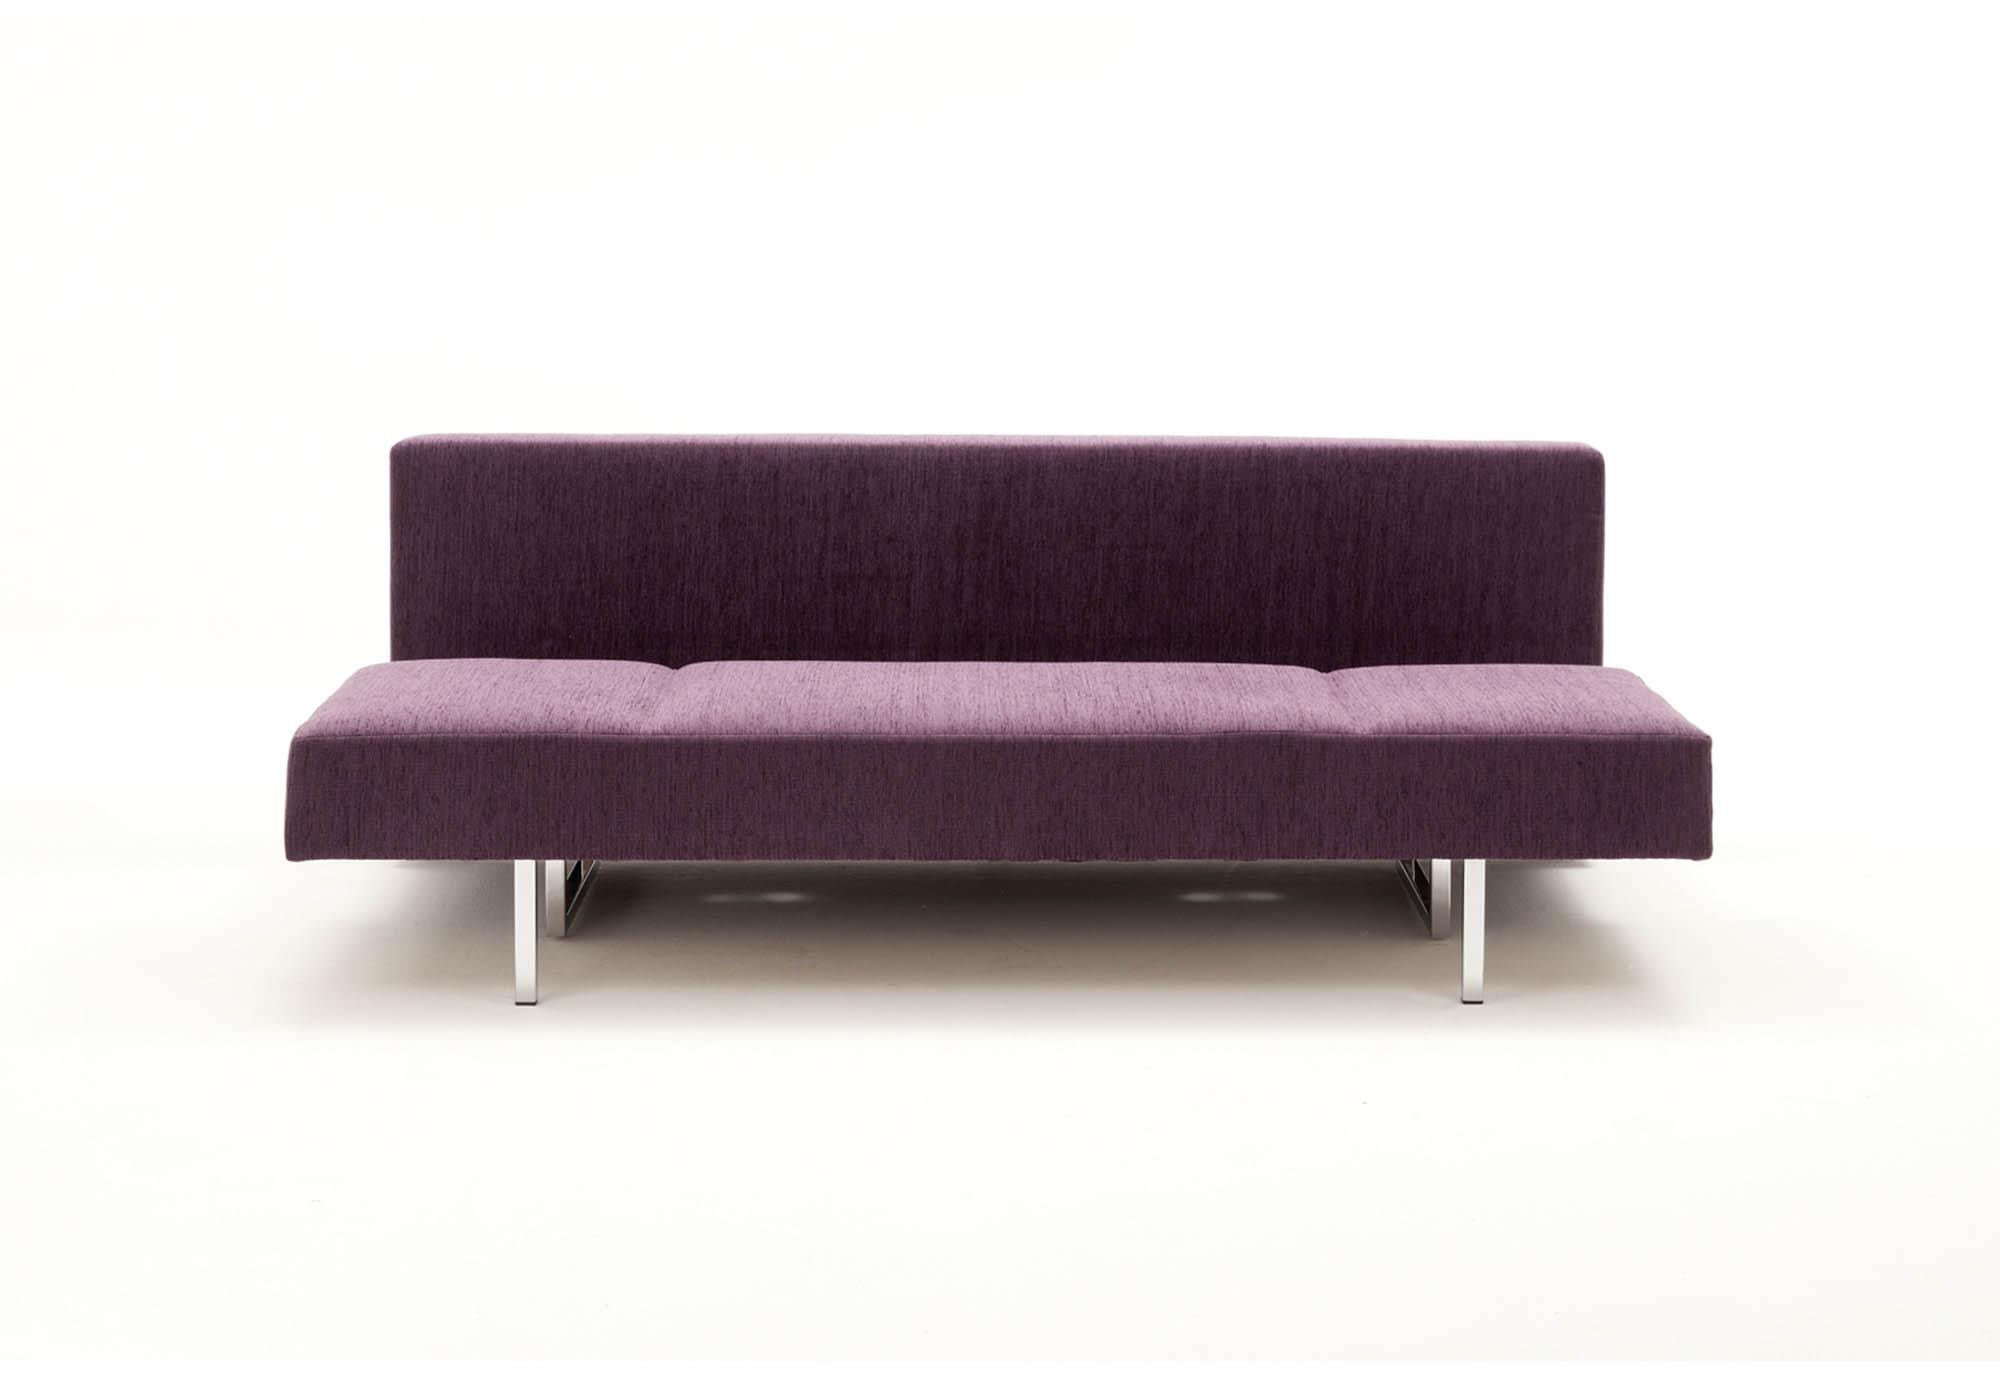 franz fertig coin schlafsofa neu mit rechnung vom autorisierten fachh ndler ebay. Black Bedroom Furniture Sets. Home Design Ideas